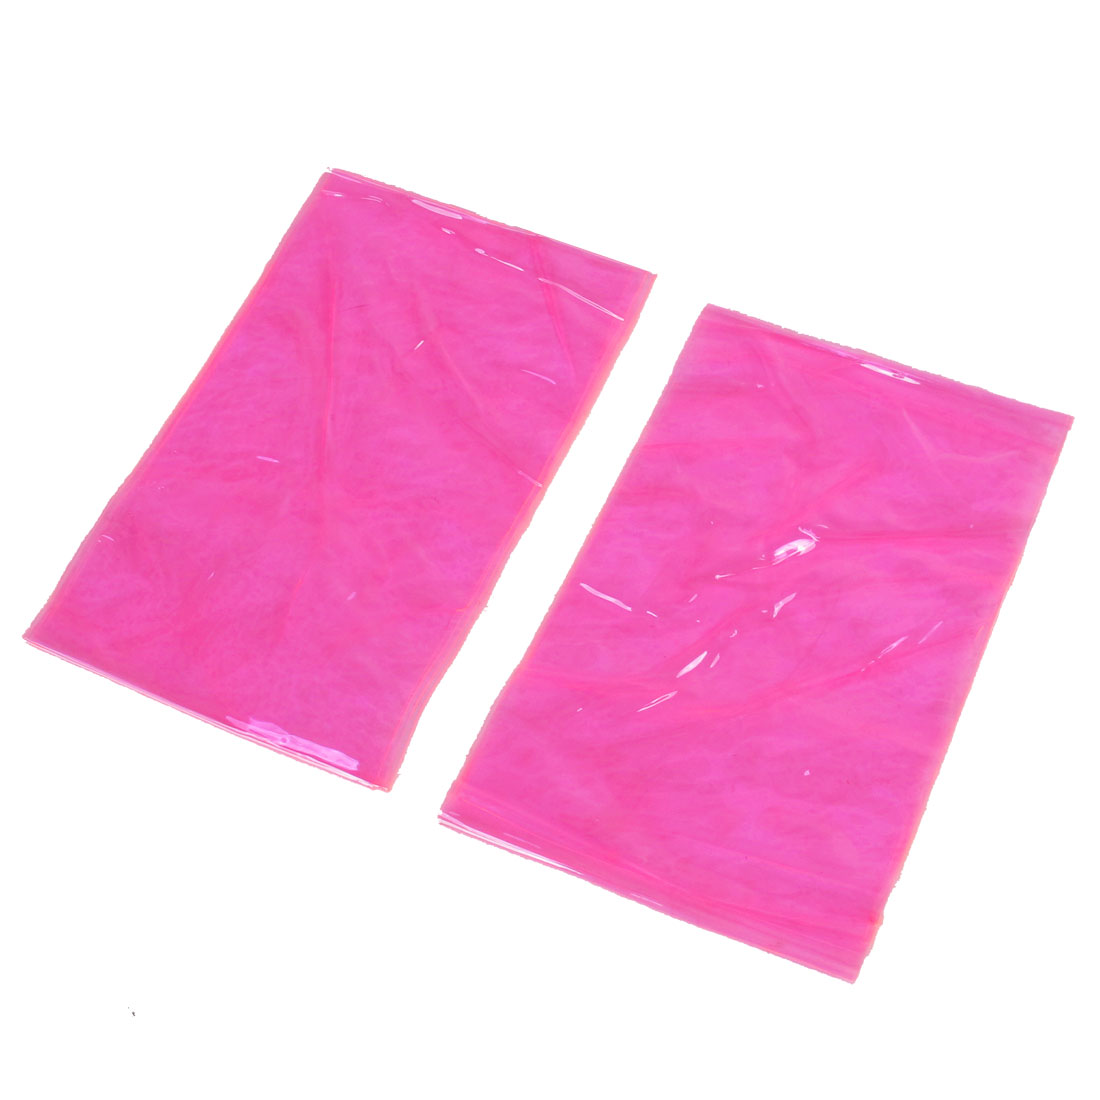 2 Pcs Clear Pink Soft Plastic Band Leg Shaper Slimming Sauna Spa Belt for Women